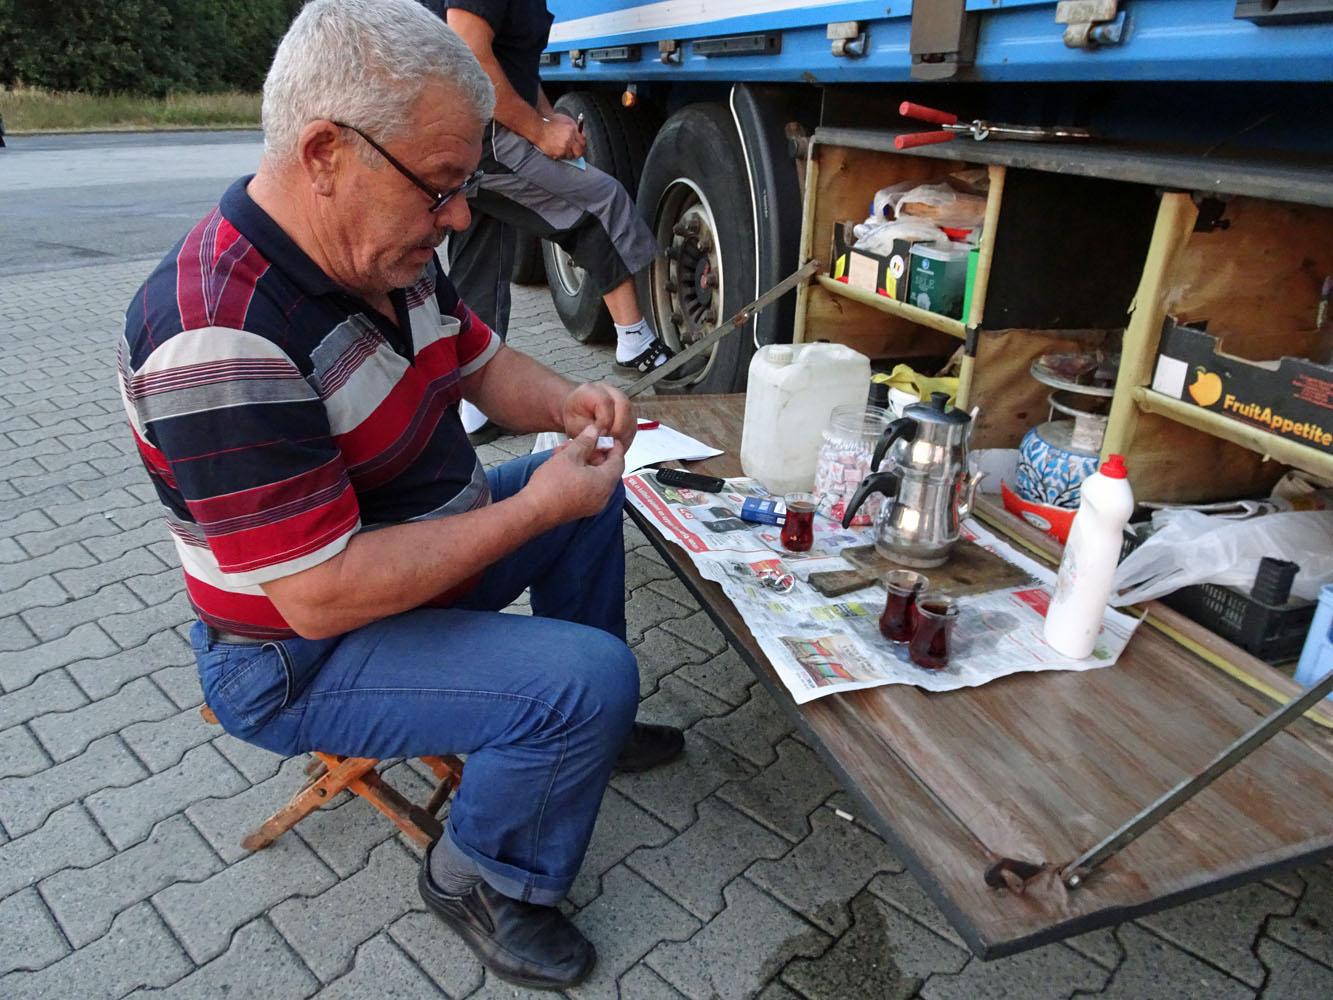 Celal Ceken und seine Außenküche. Fotos: Henze